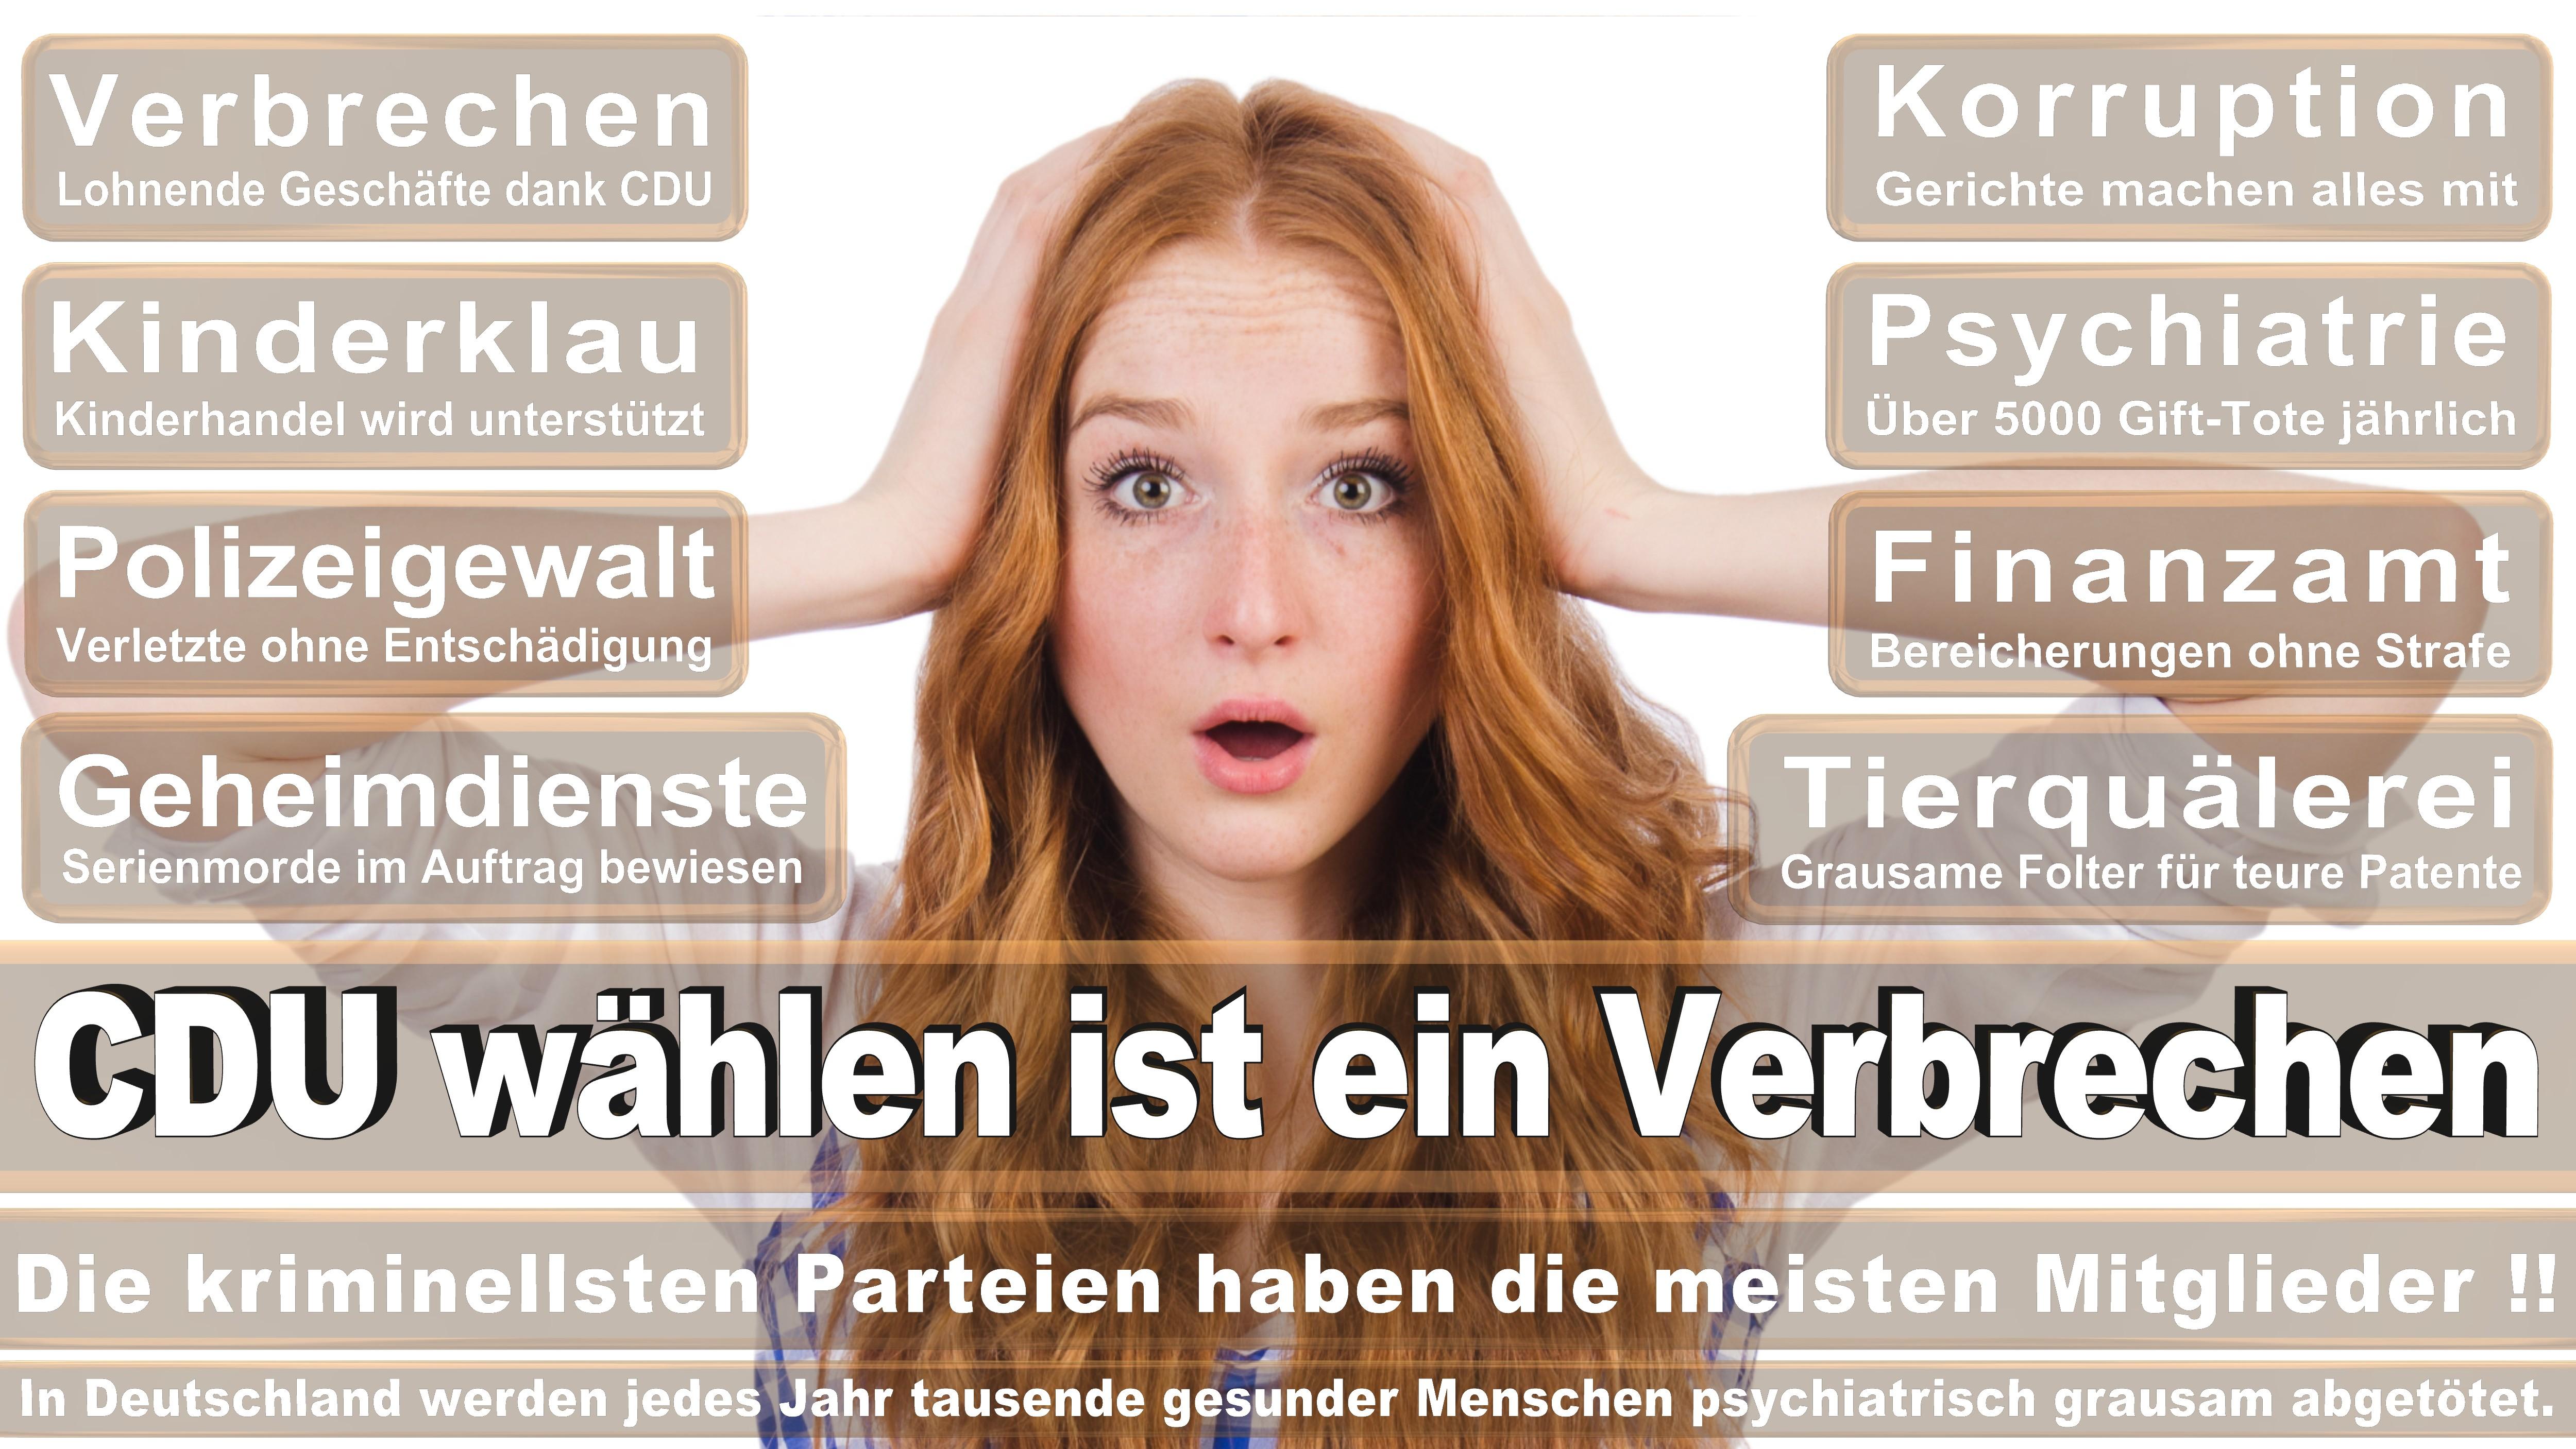 CDU, BIELEFELD, RATSMITGLIEDER, VORSTAND, ORTSVERBAND, MITGLIEDER (50)